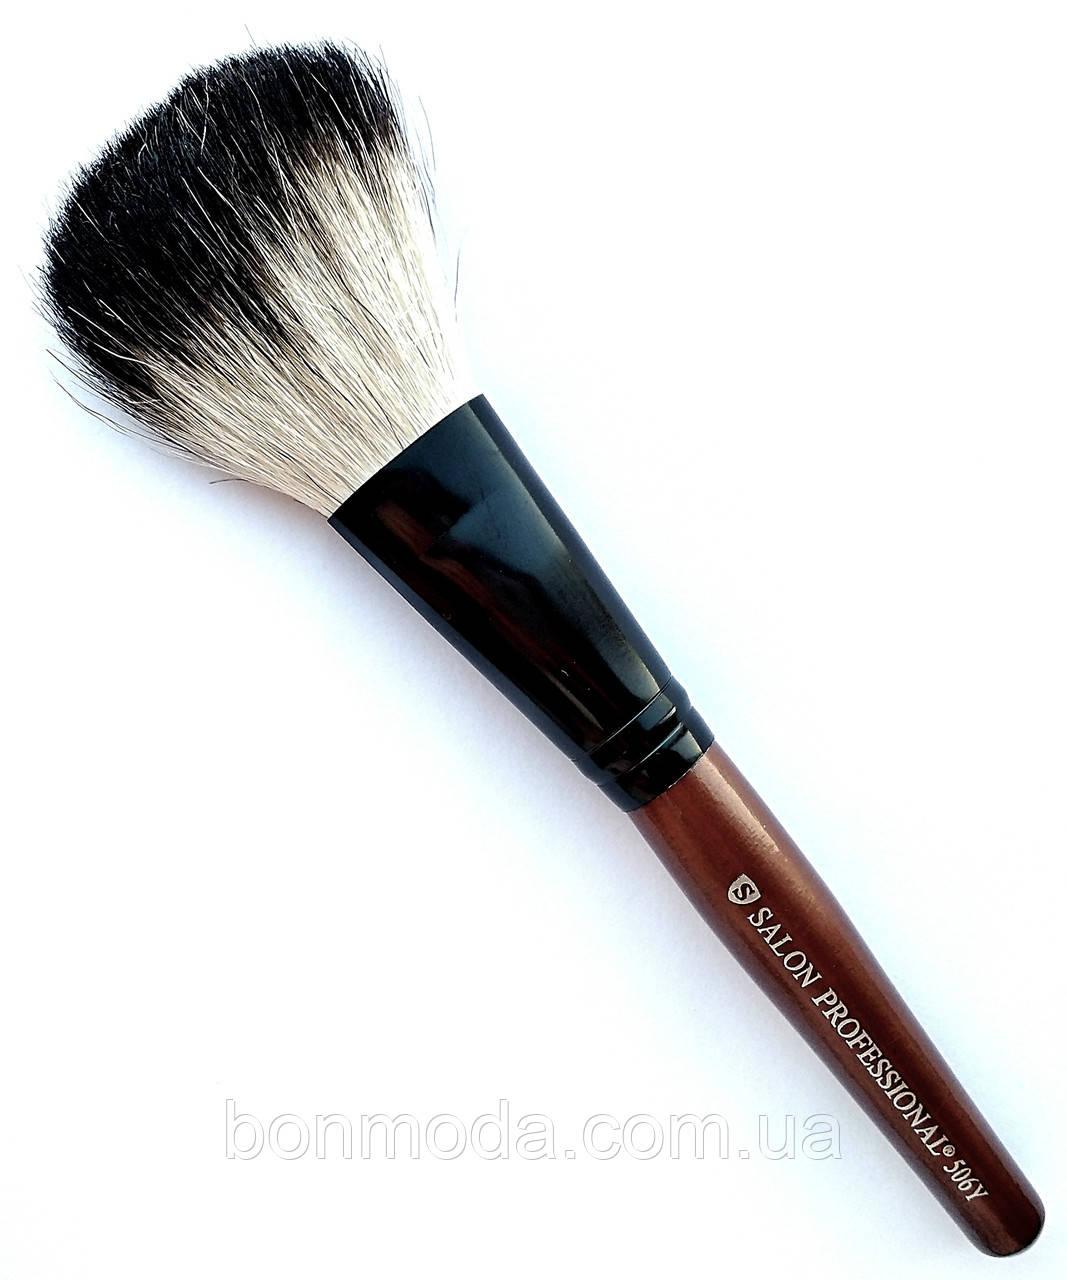 Кисть для пудры и румян натуральная Salon Professional 506Y